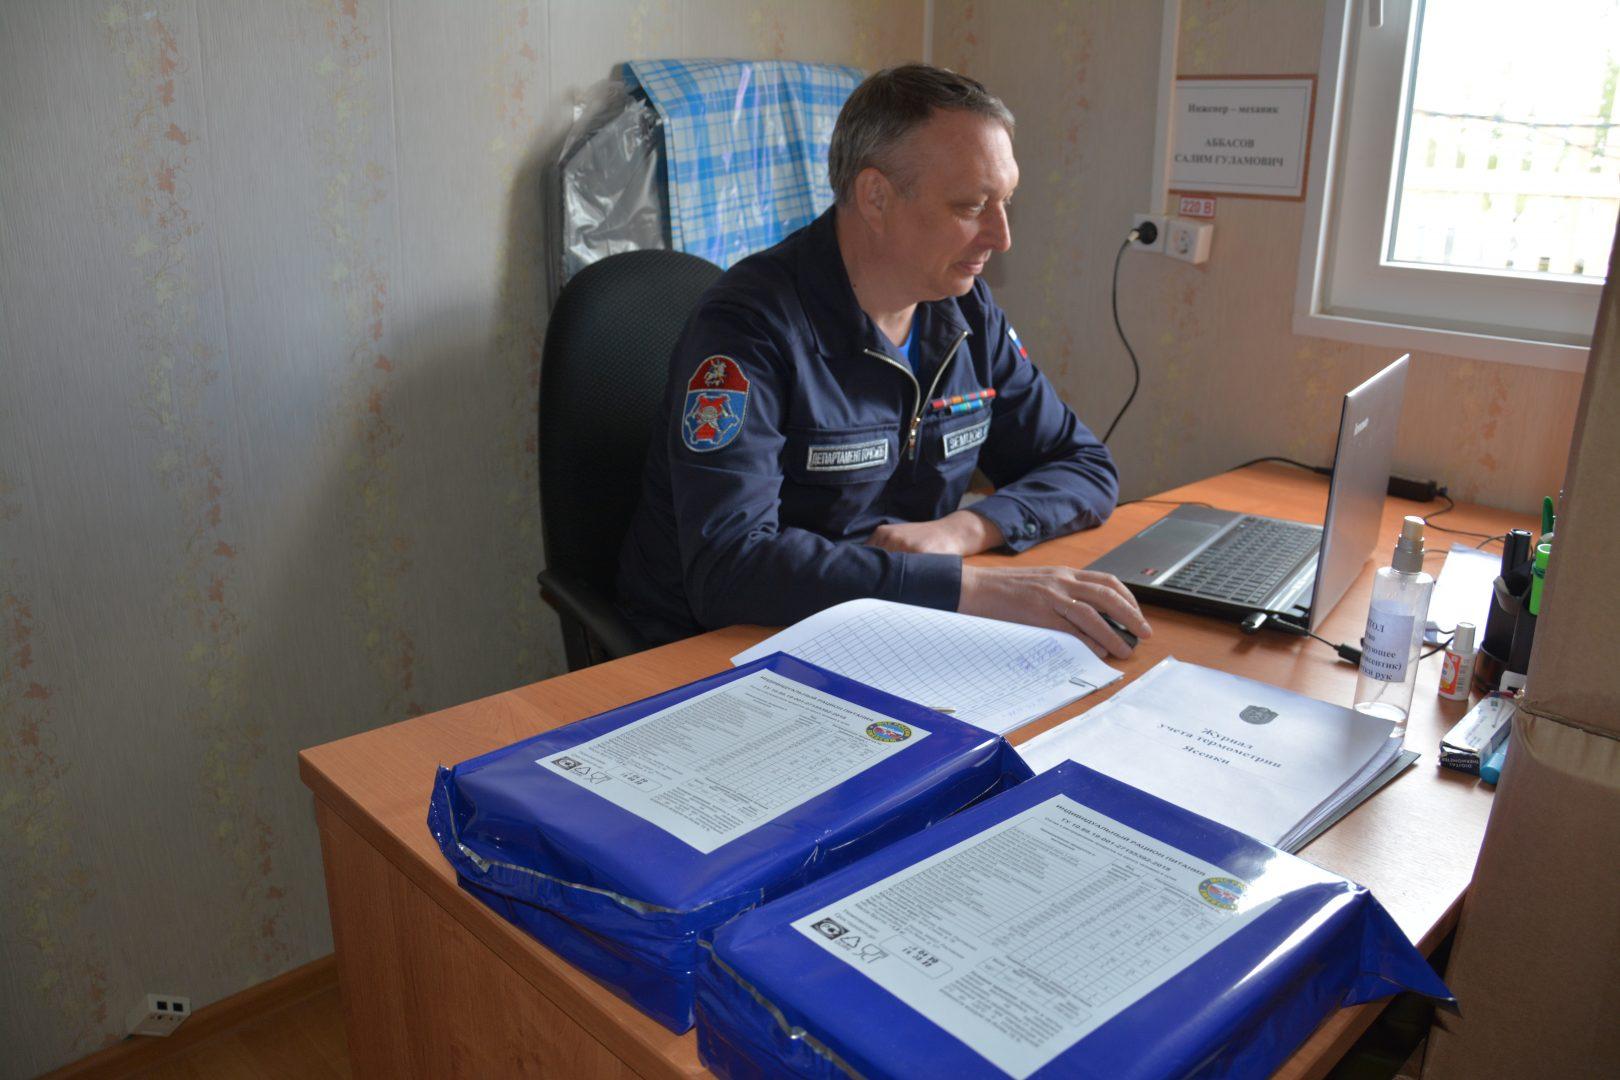 Фото: пресс-служба Управления по ТиНАО Департамента ГОЧСиПБ